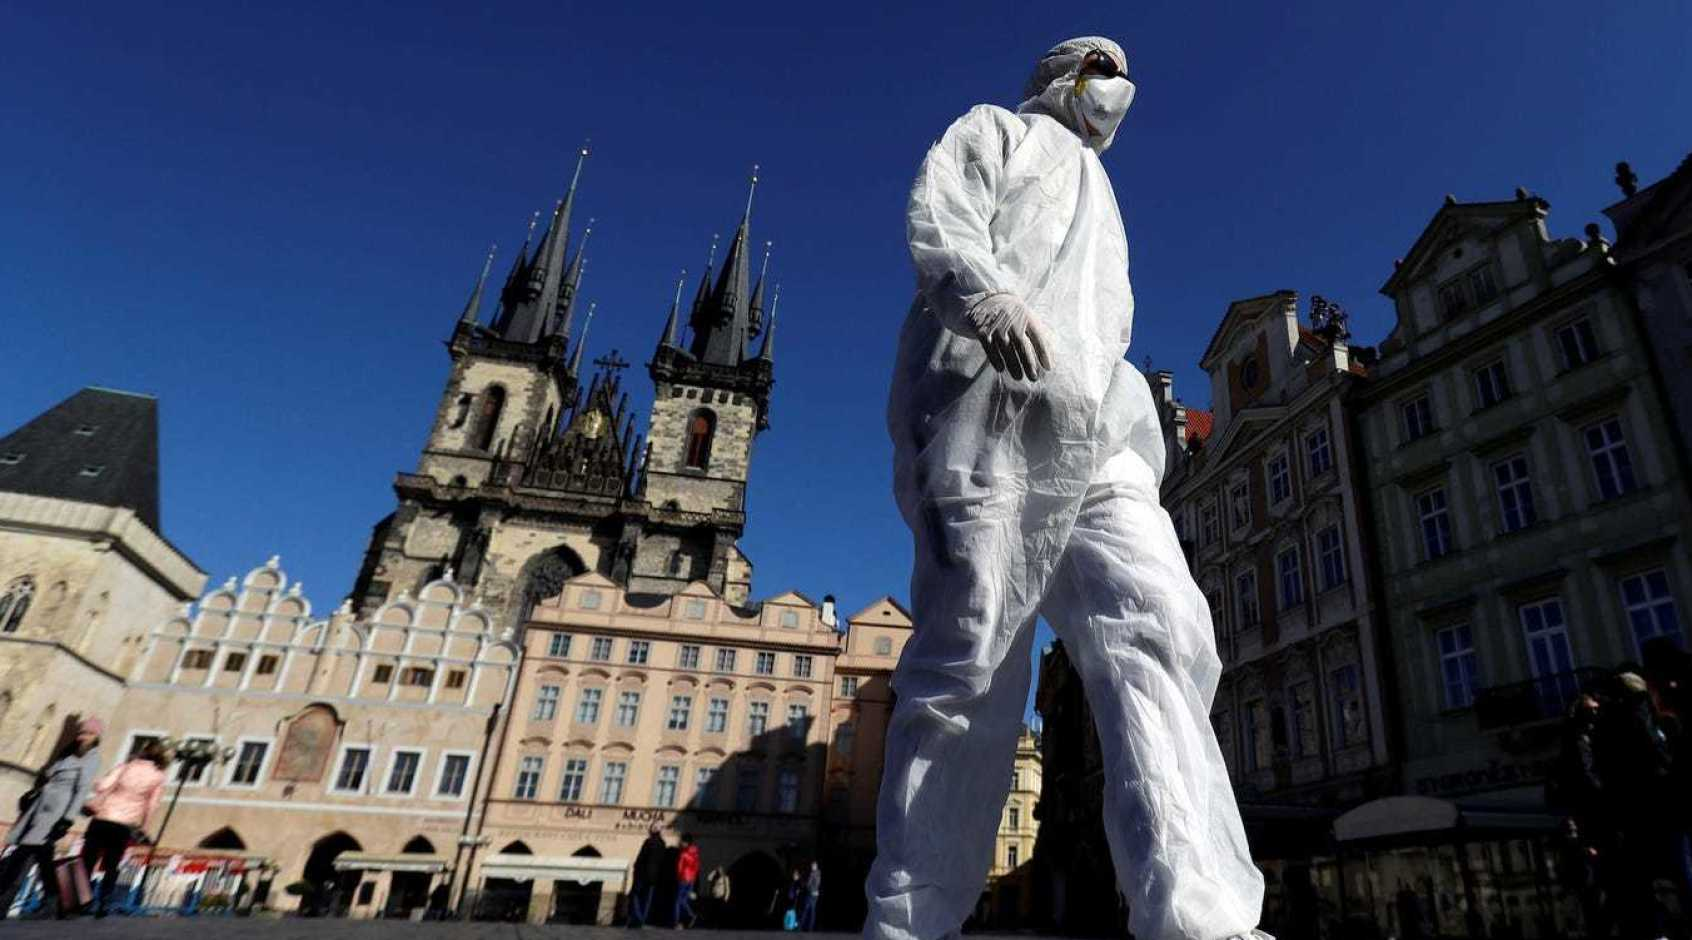 З початку березня в Чехії прийняті найсуворіші протиепідемічні заходи за весь рік епідемії Сovid-19.